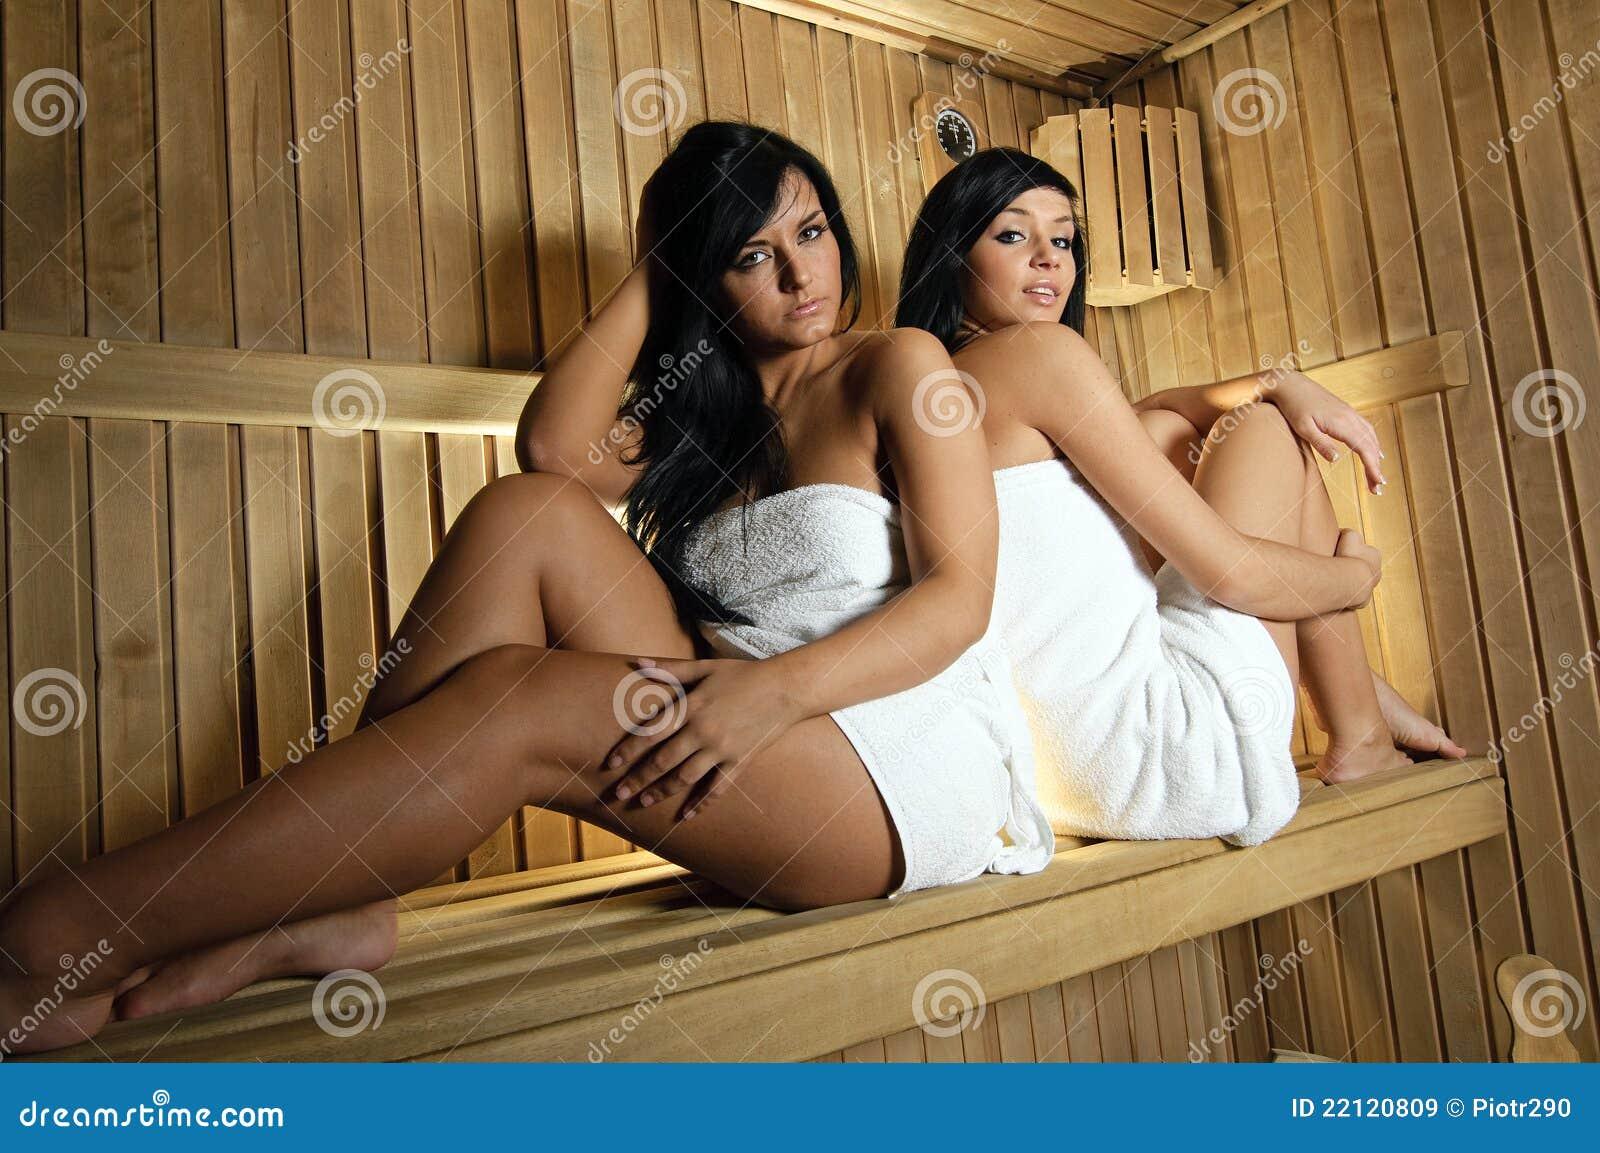 Частные фото женщин в бане 20 фотография